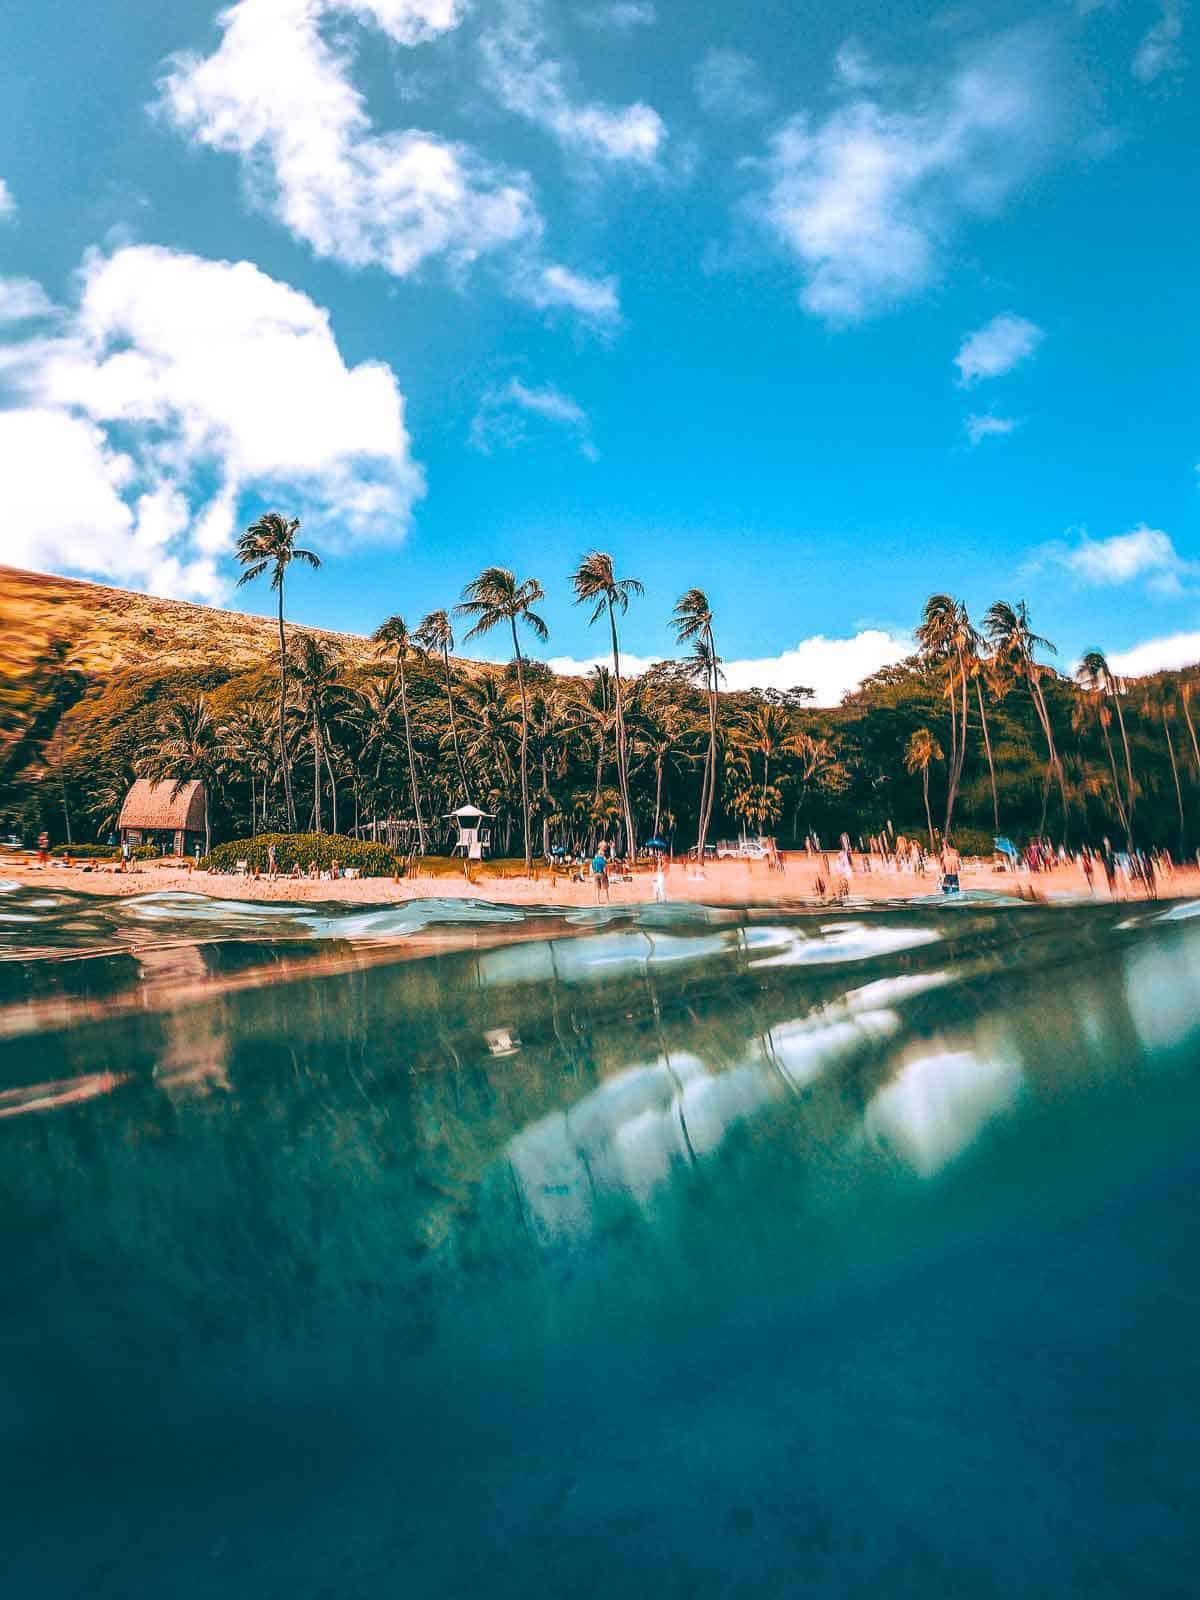 snorkeling near waikiki